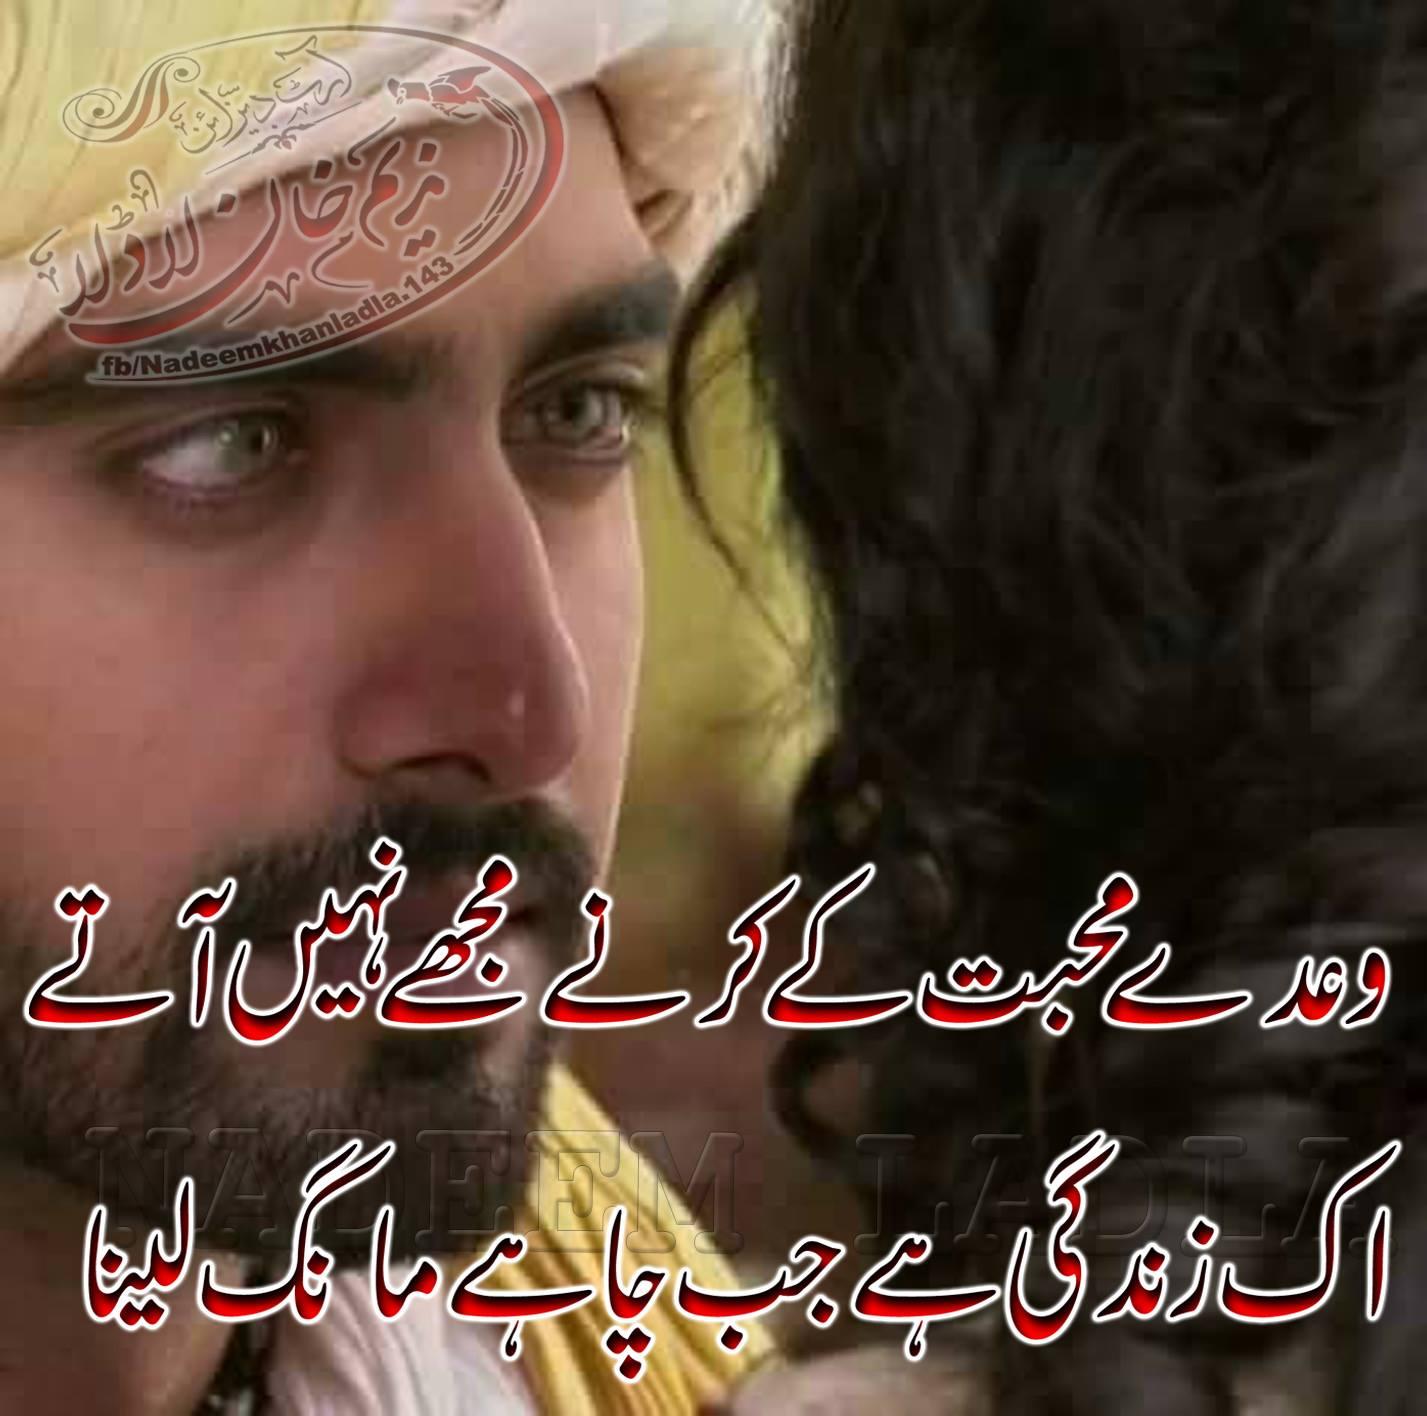 Nadeem khan ladla poetry urdu poetry nadeem khan ladla poetry pics new nadeem khan ladla poetry in urdu latest nadeem khan ladla poetry urdu poetry or shayari by nadeem khan ladla thecheapjerseys Choice Image